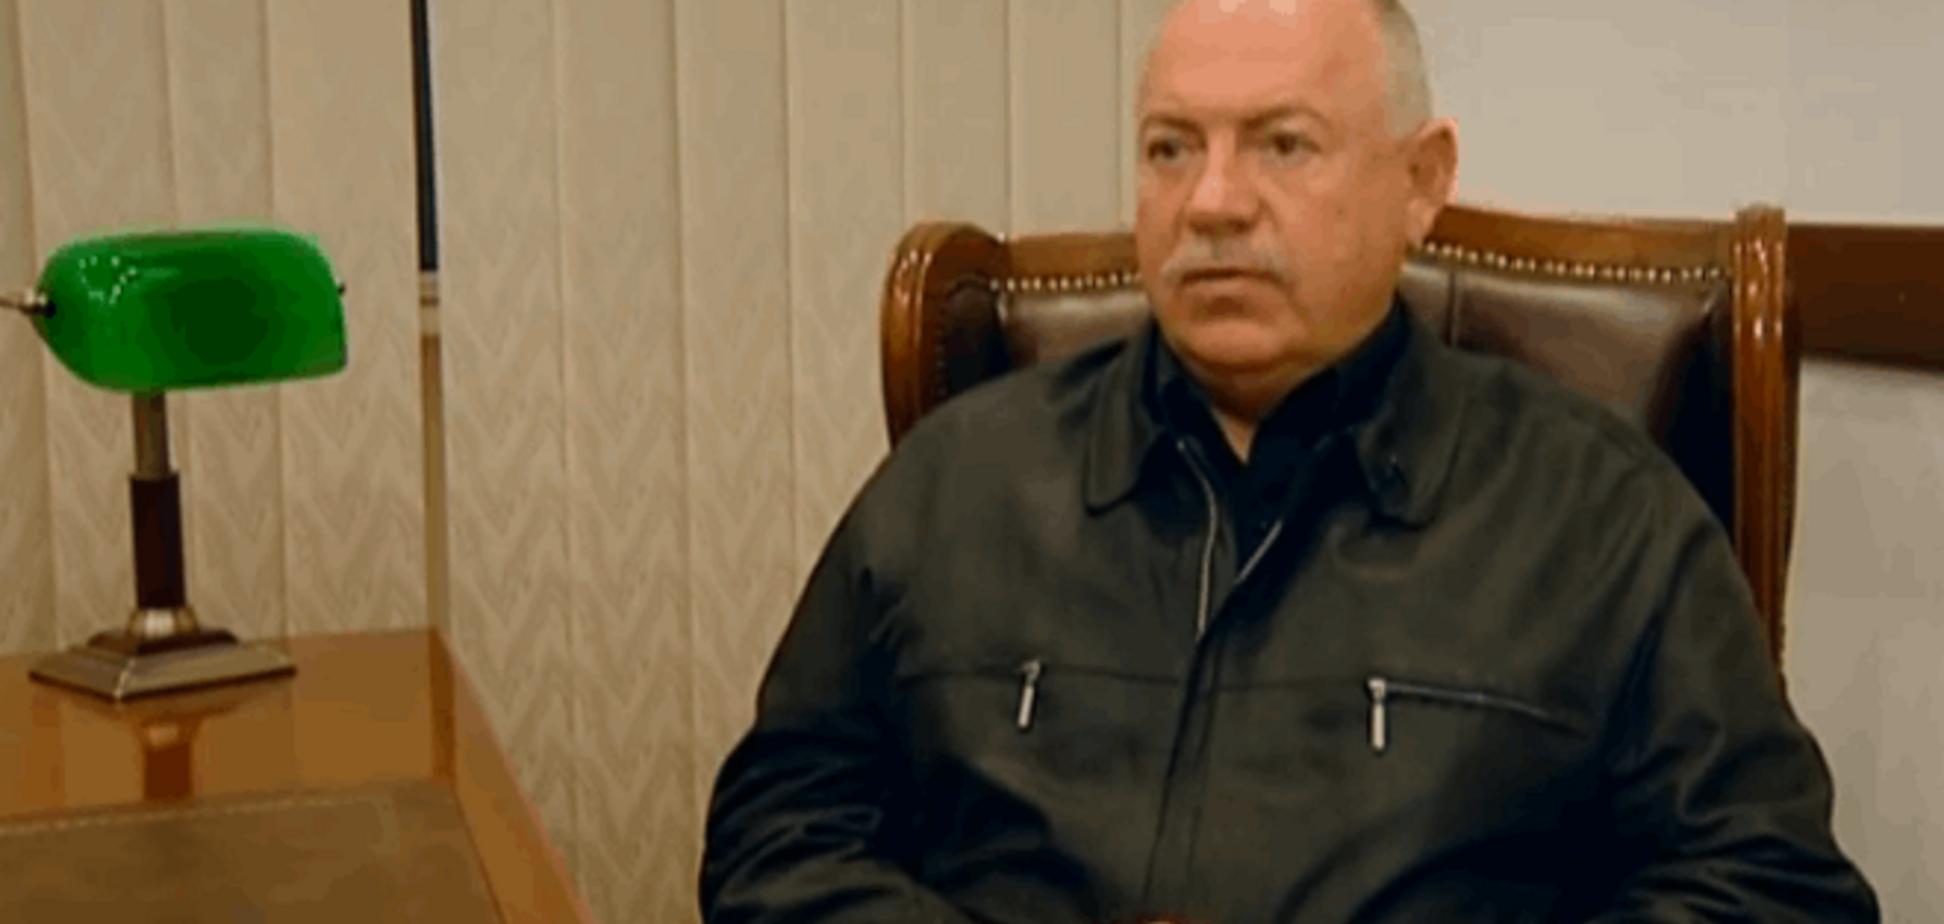 Пискун: на фоне громких смертей в Киеве может появиться еще одна группа убийц